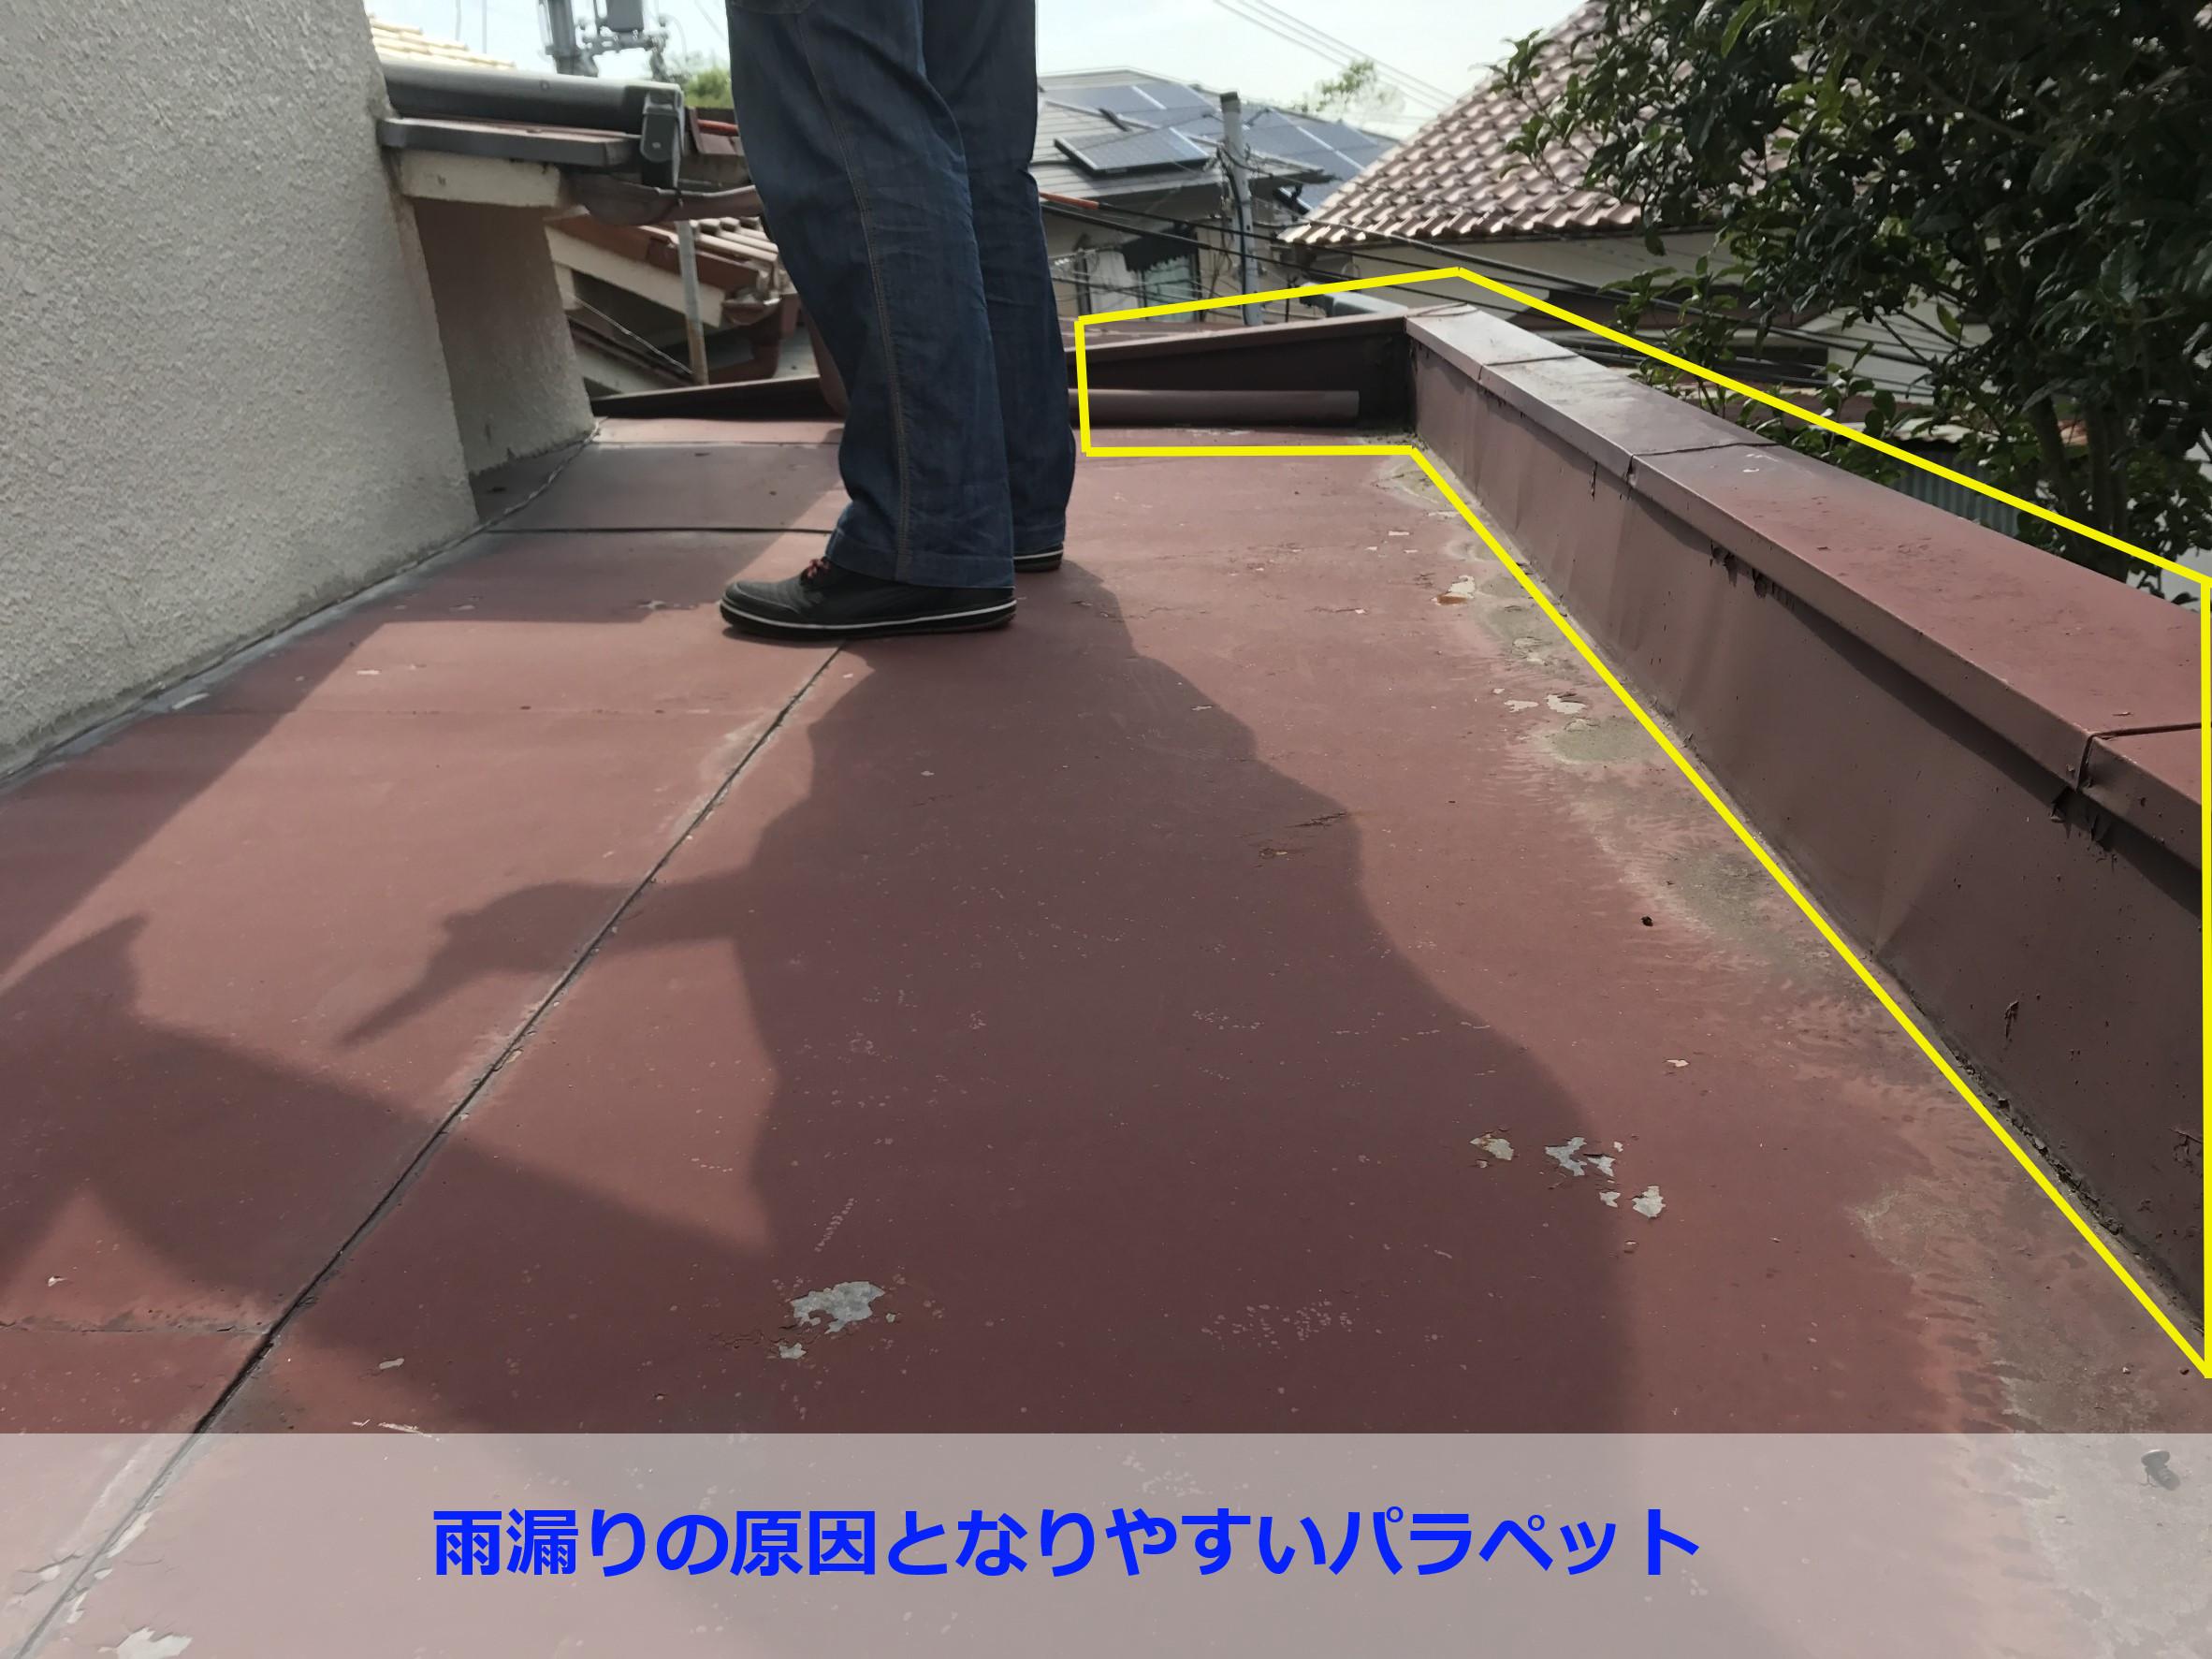 雨漏りの原因となりやすいパラペット